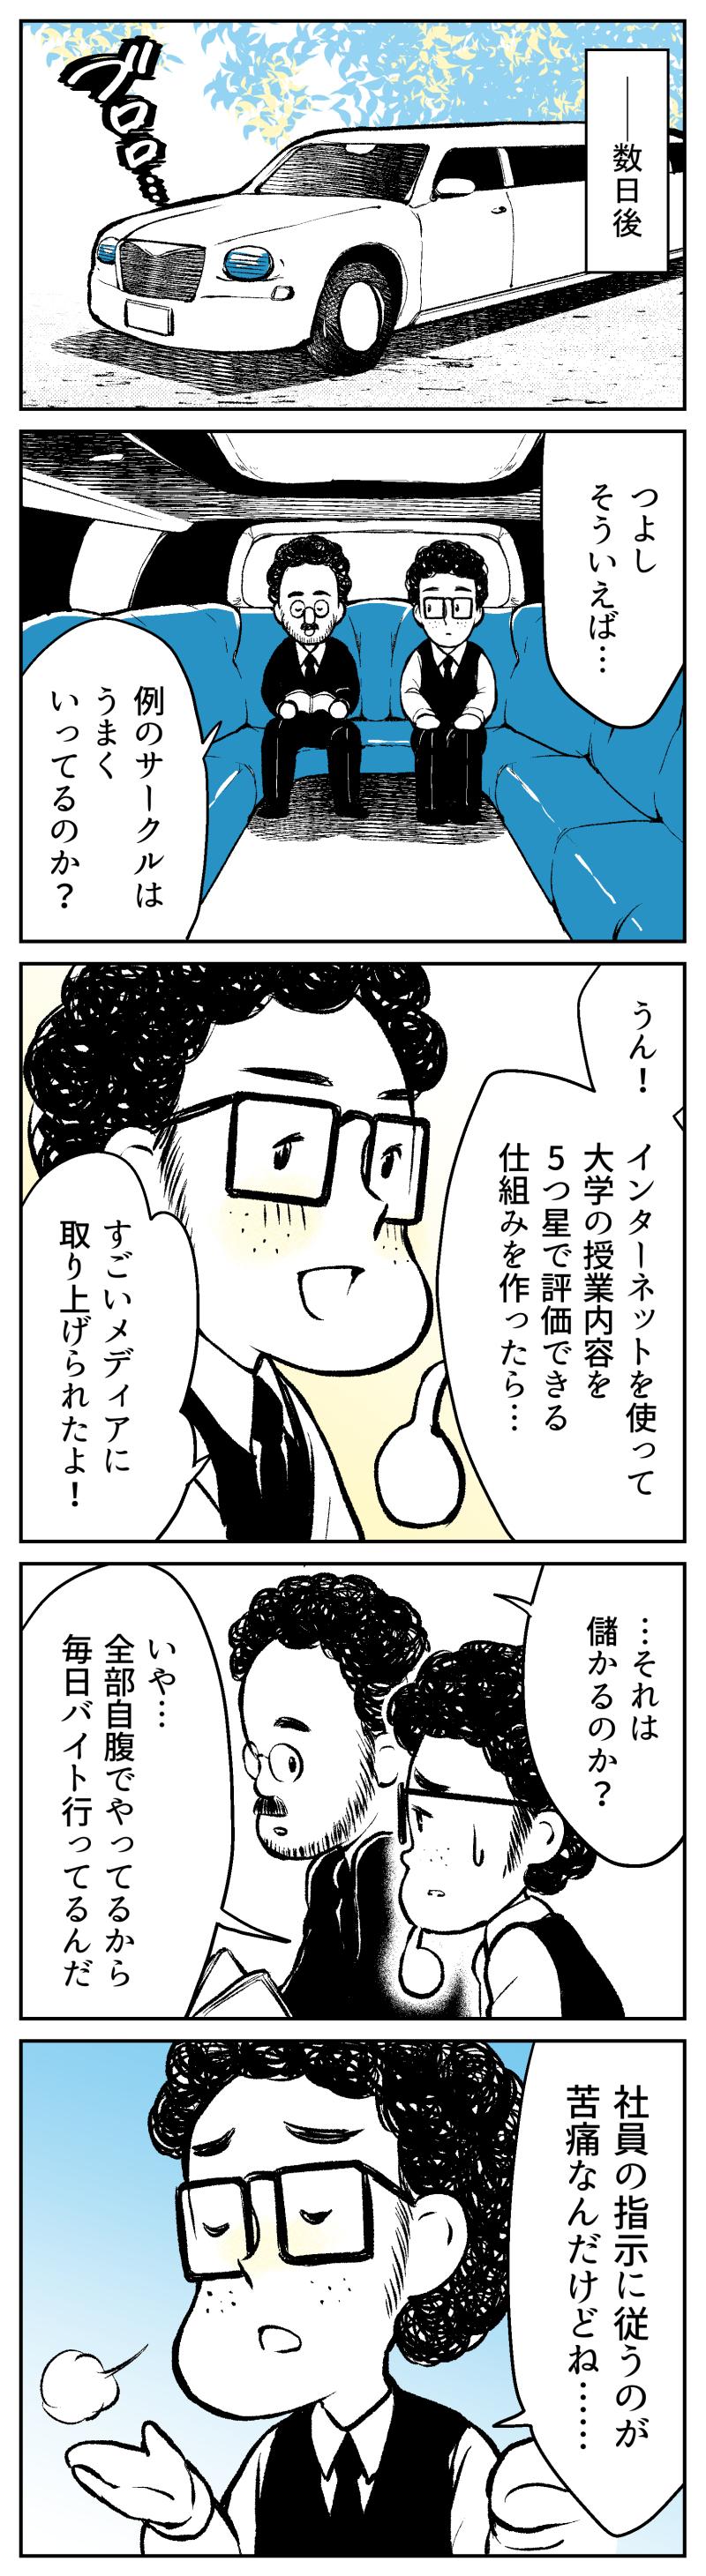 伯爵4話_006.jpg